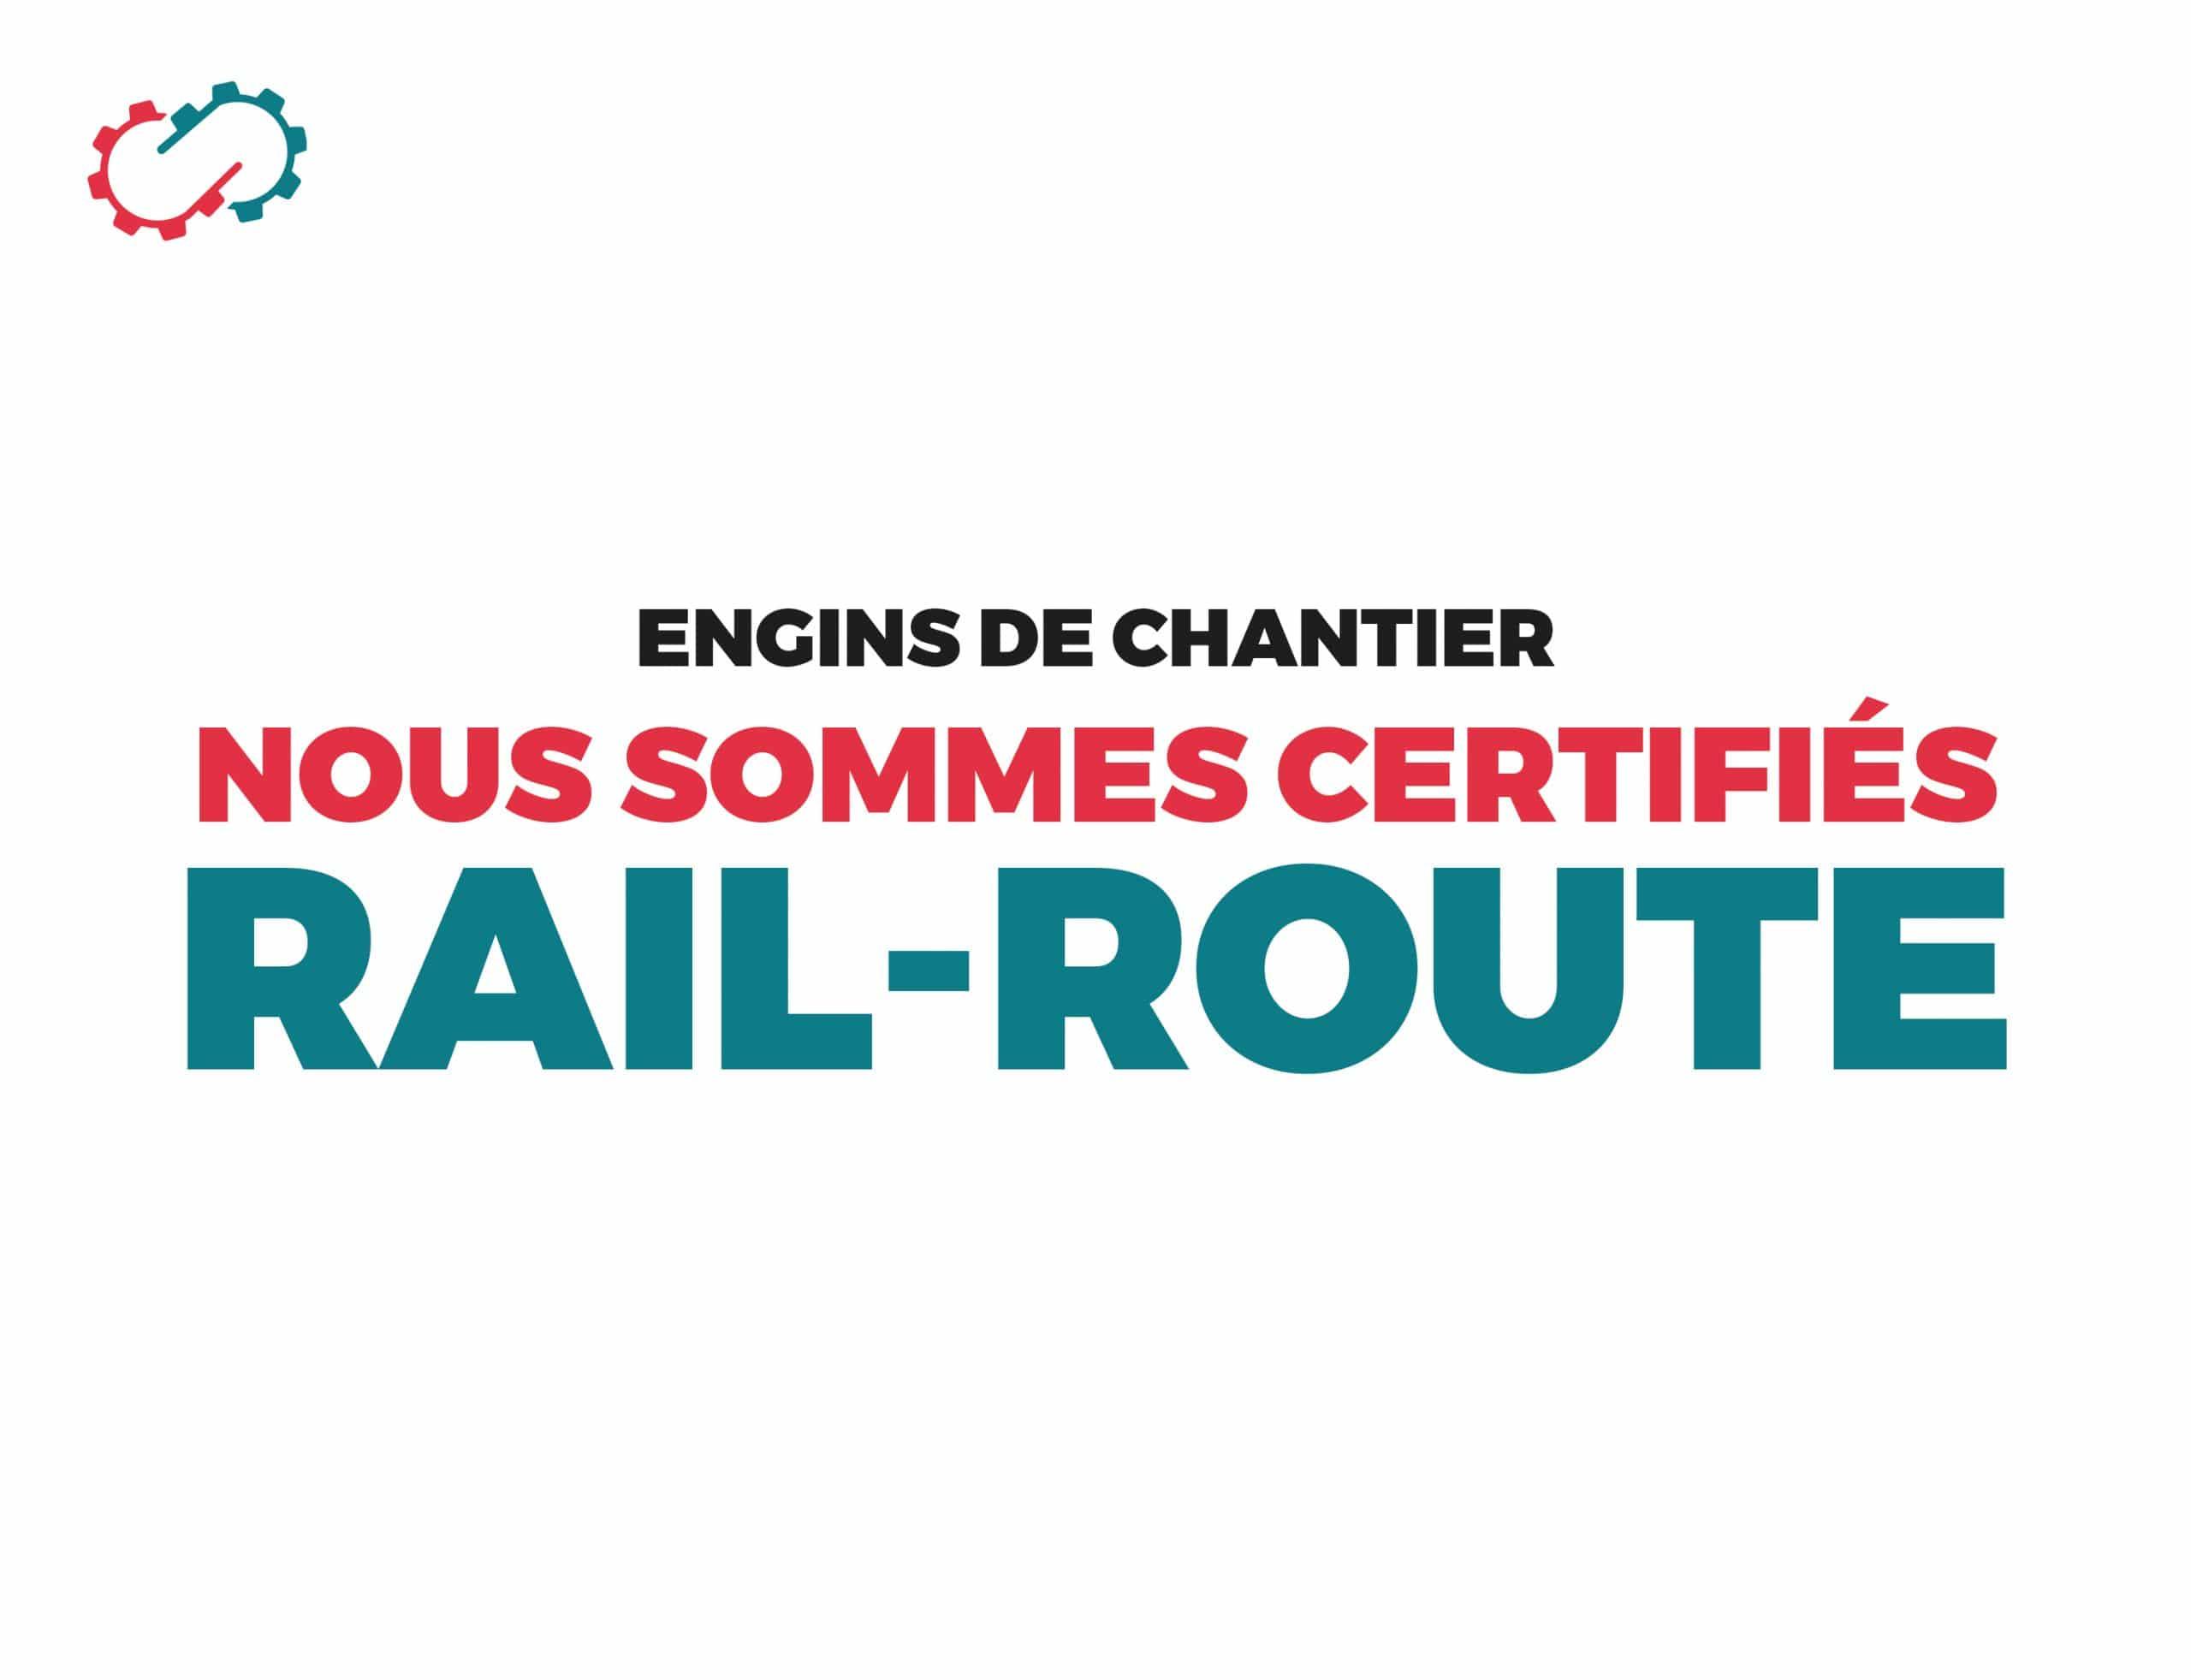 Engins de chantier certification rail route